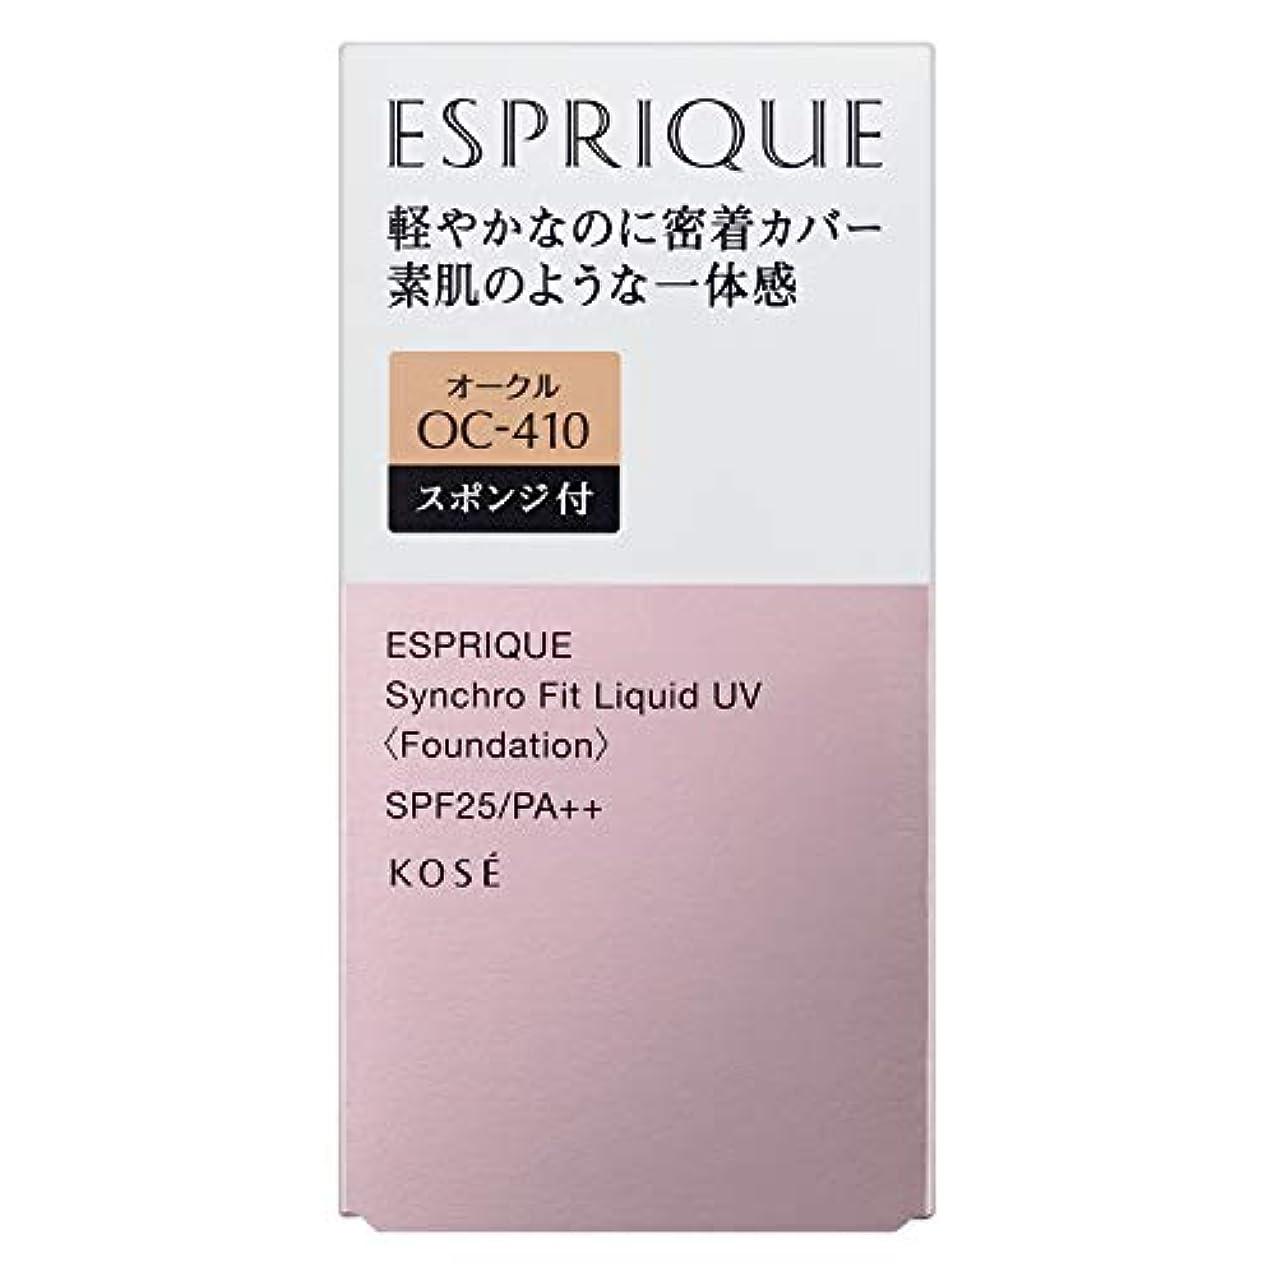 打撃熟す達成ESPRIQUE(エスプリーク) エスプリーク シンクロフィット リキッド UV ファンデーション 無香料 OC-410 オークル 30g